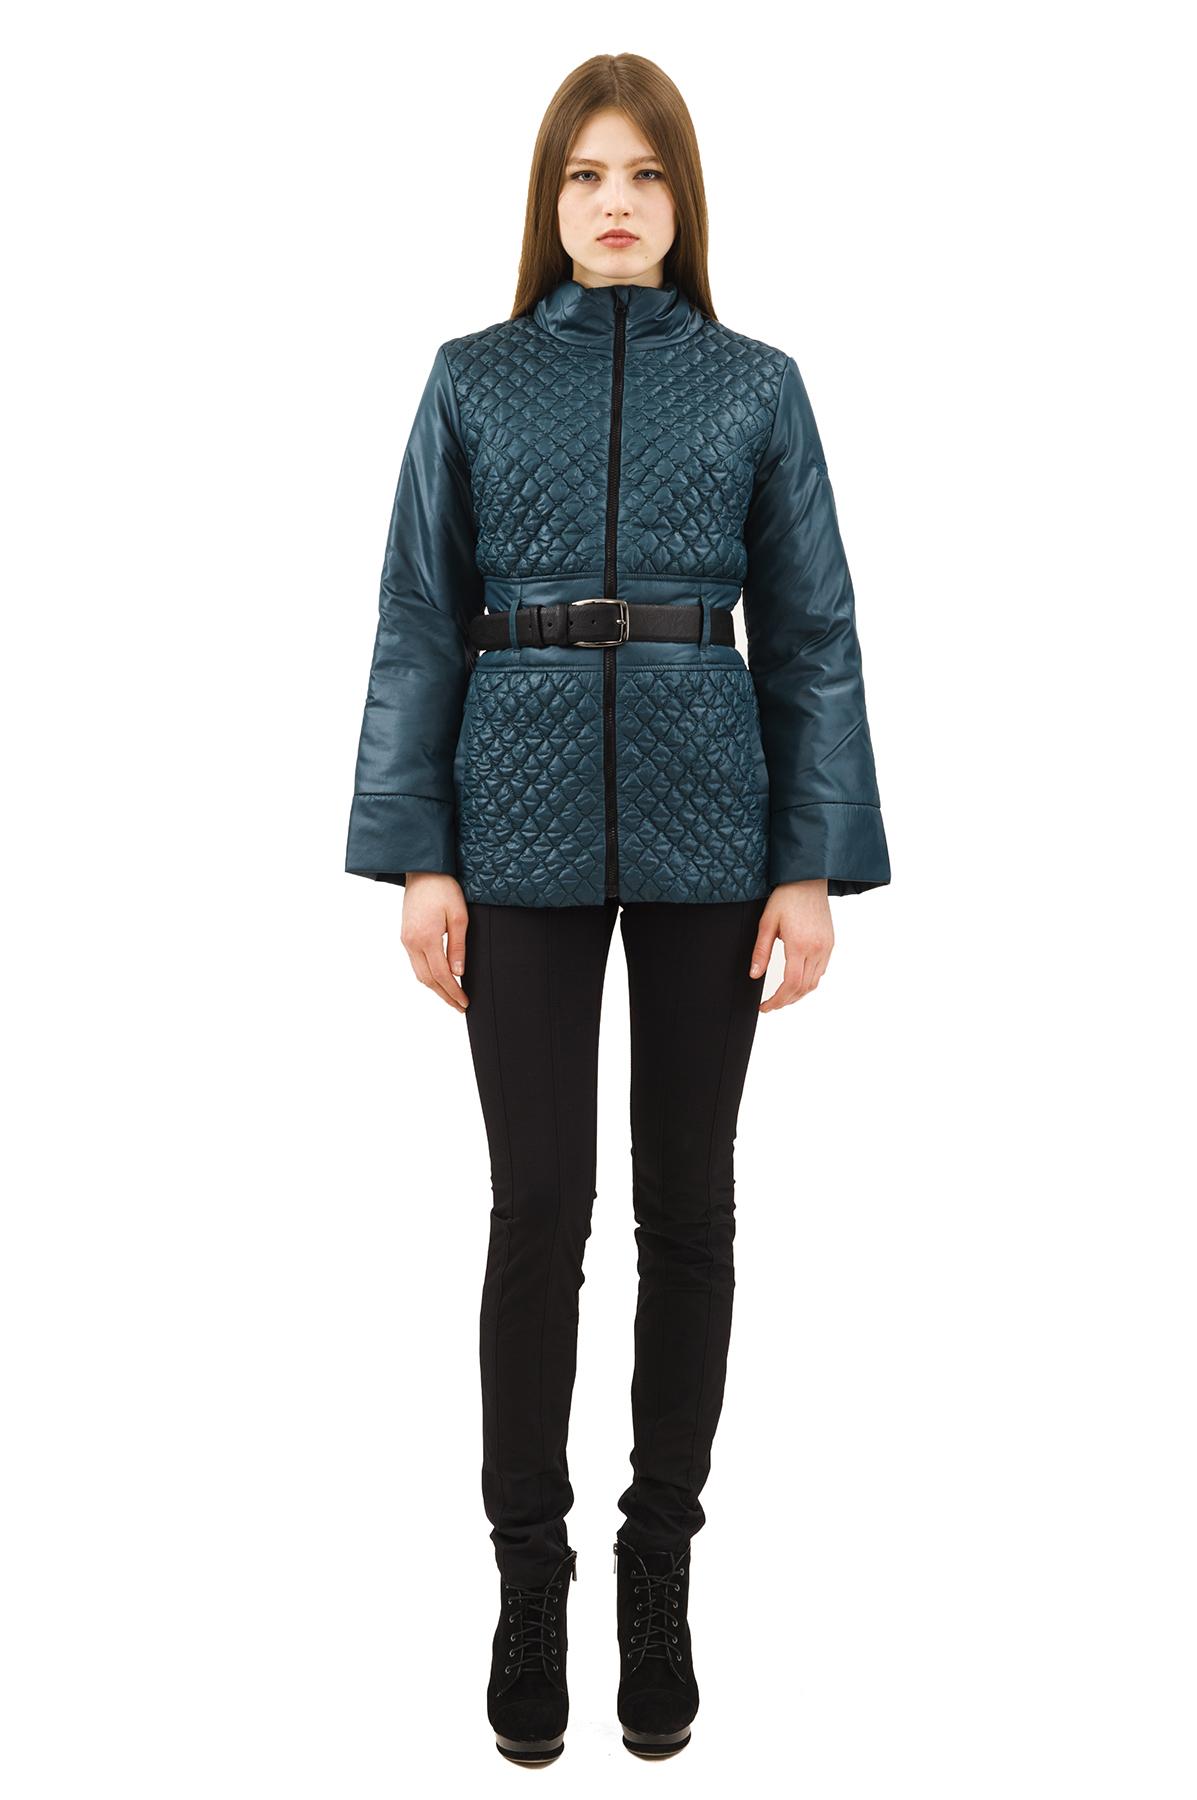 КурткаЖенские куртки, плащи, пальто<br>Стильная куртка для современных жительниц мегаполиса. Выполнена из высококачественного комфортного материала. Эта вещь станет идеальным вариантом для создания современного образа любой девушки.<br><br>Цвет: зеленый<br>Состав: 100% полиэстер, подкладка- 100% полиэстер<br>Размер: 40,48,50,56,58,60<br>Страна дизайна: Россия<br>Страна производства: Россия